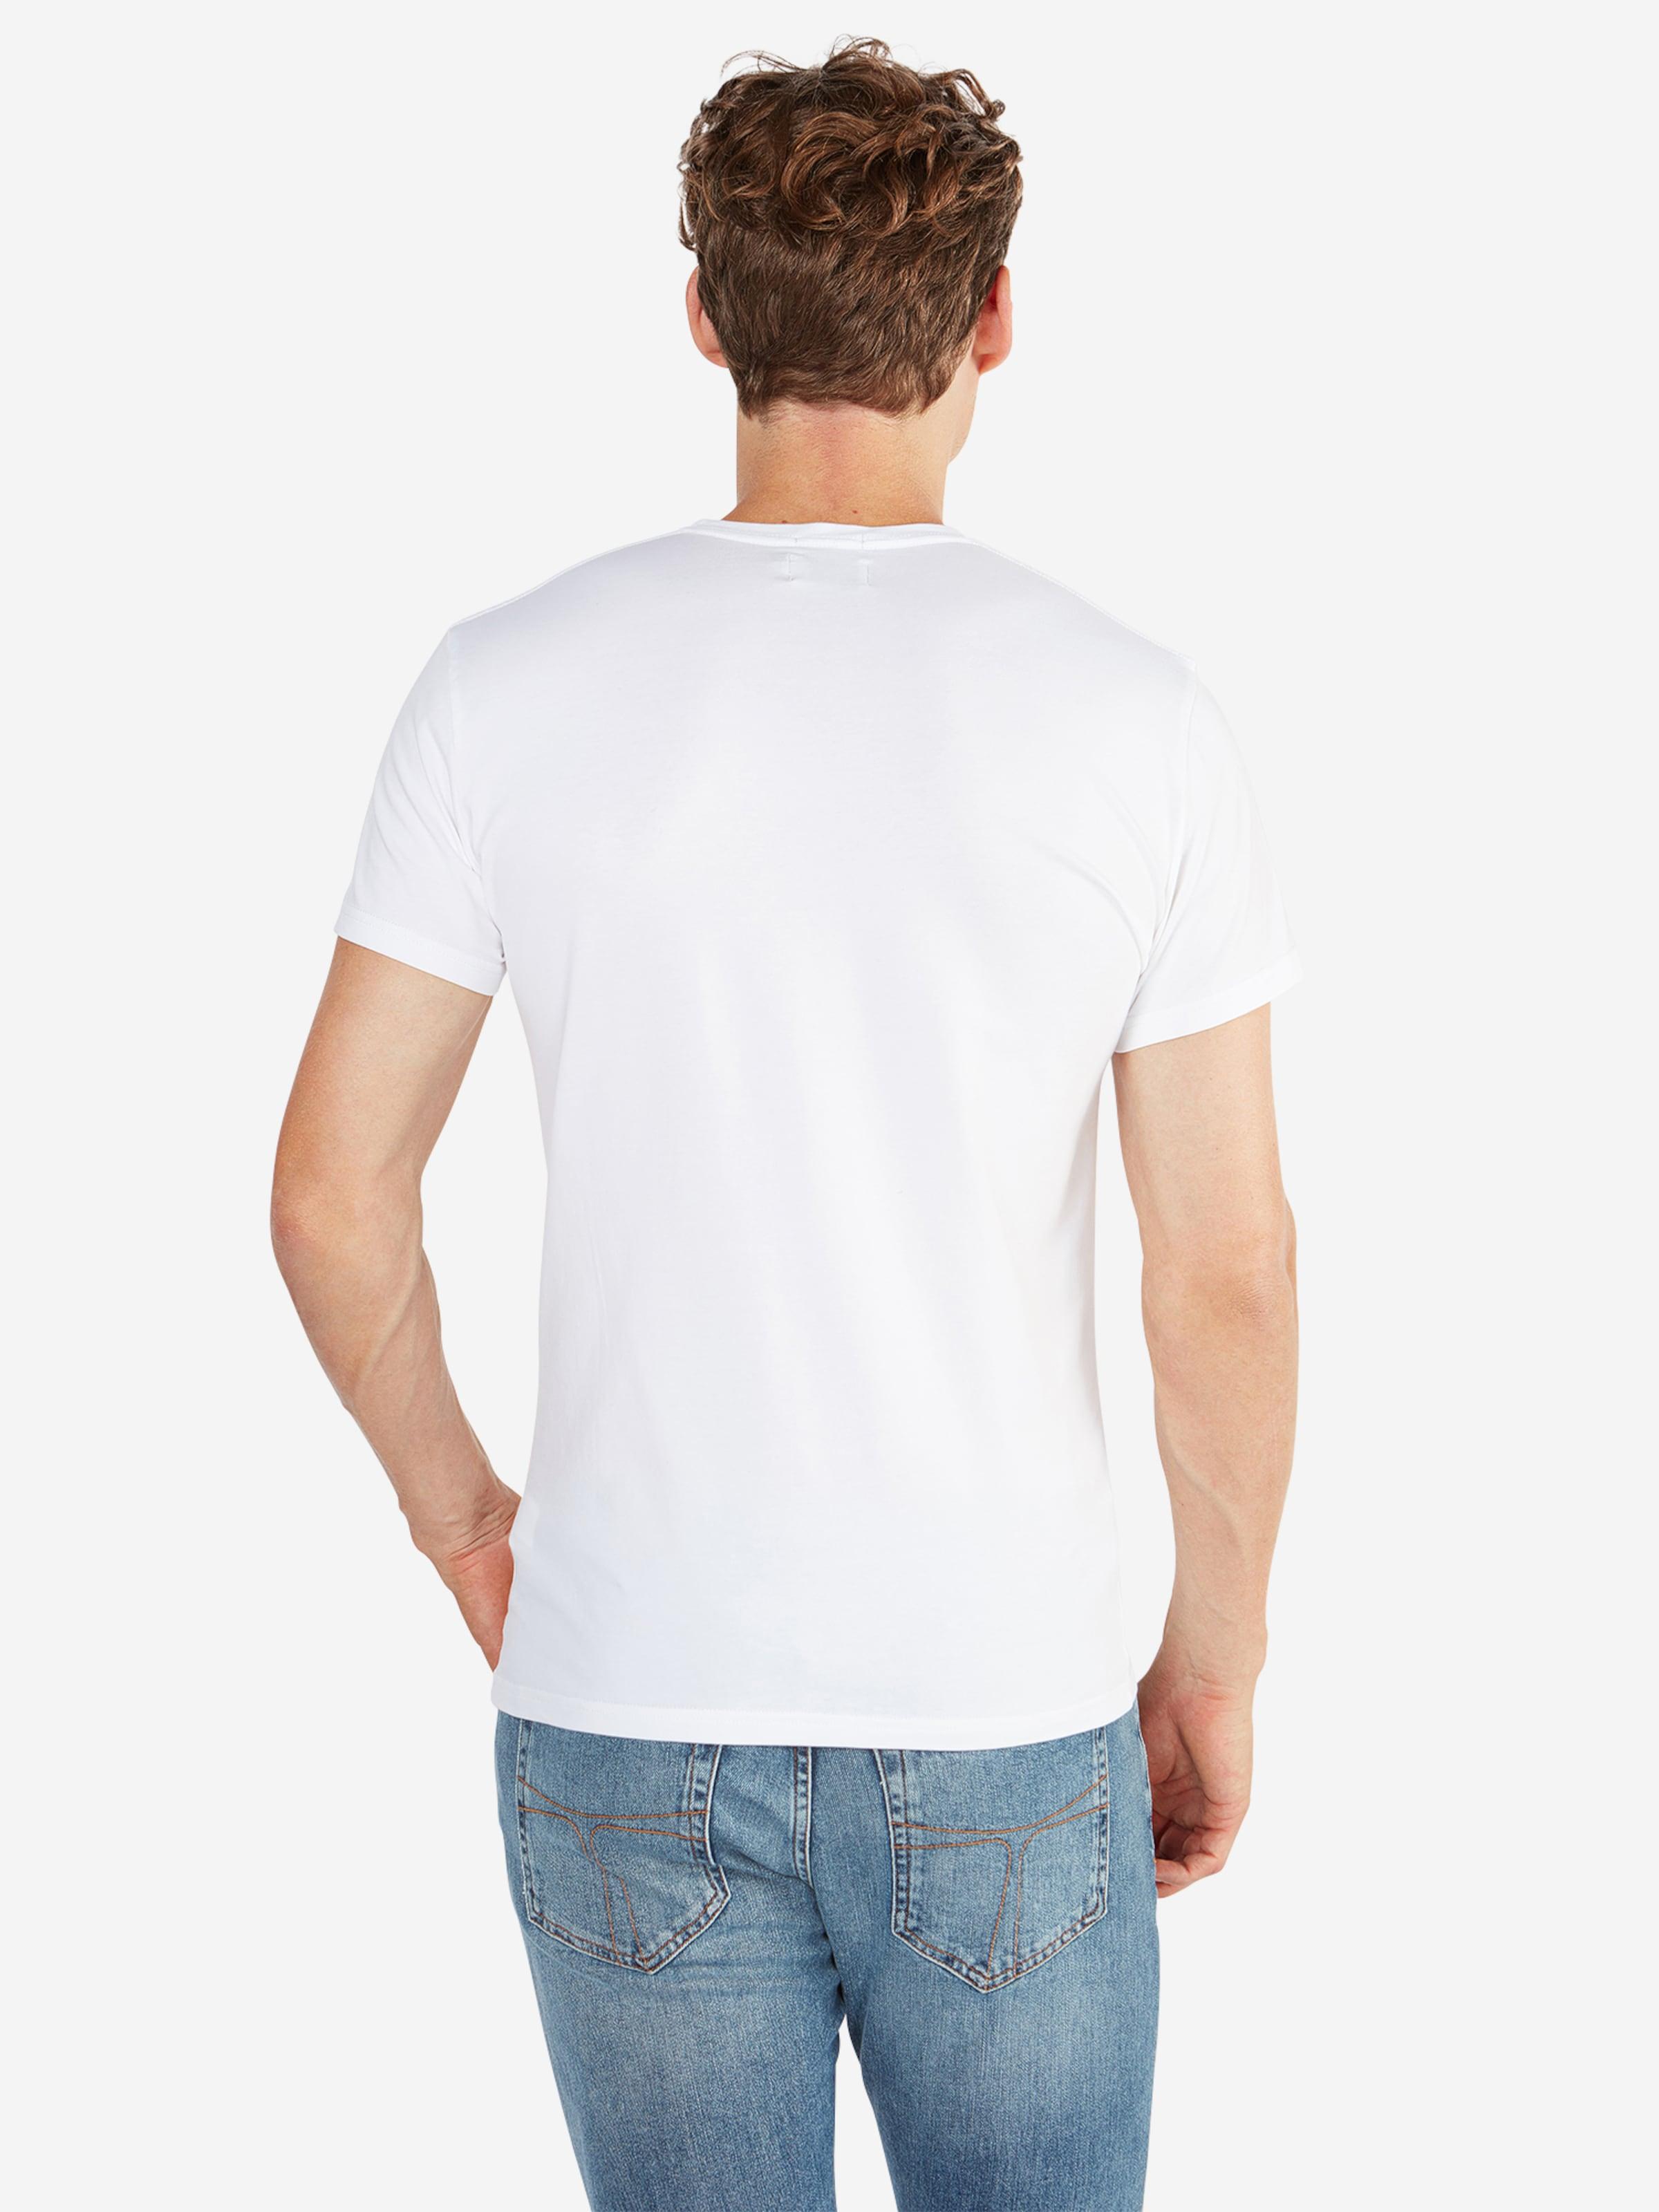 Offizielle Seite Günstiger Preis Große Überraschung Günstiger Preis Pepe Jeans Shirt 'ORIGINAL STRETCH' Günstig Kaufen 2018 KIMyfI